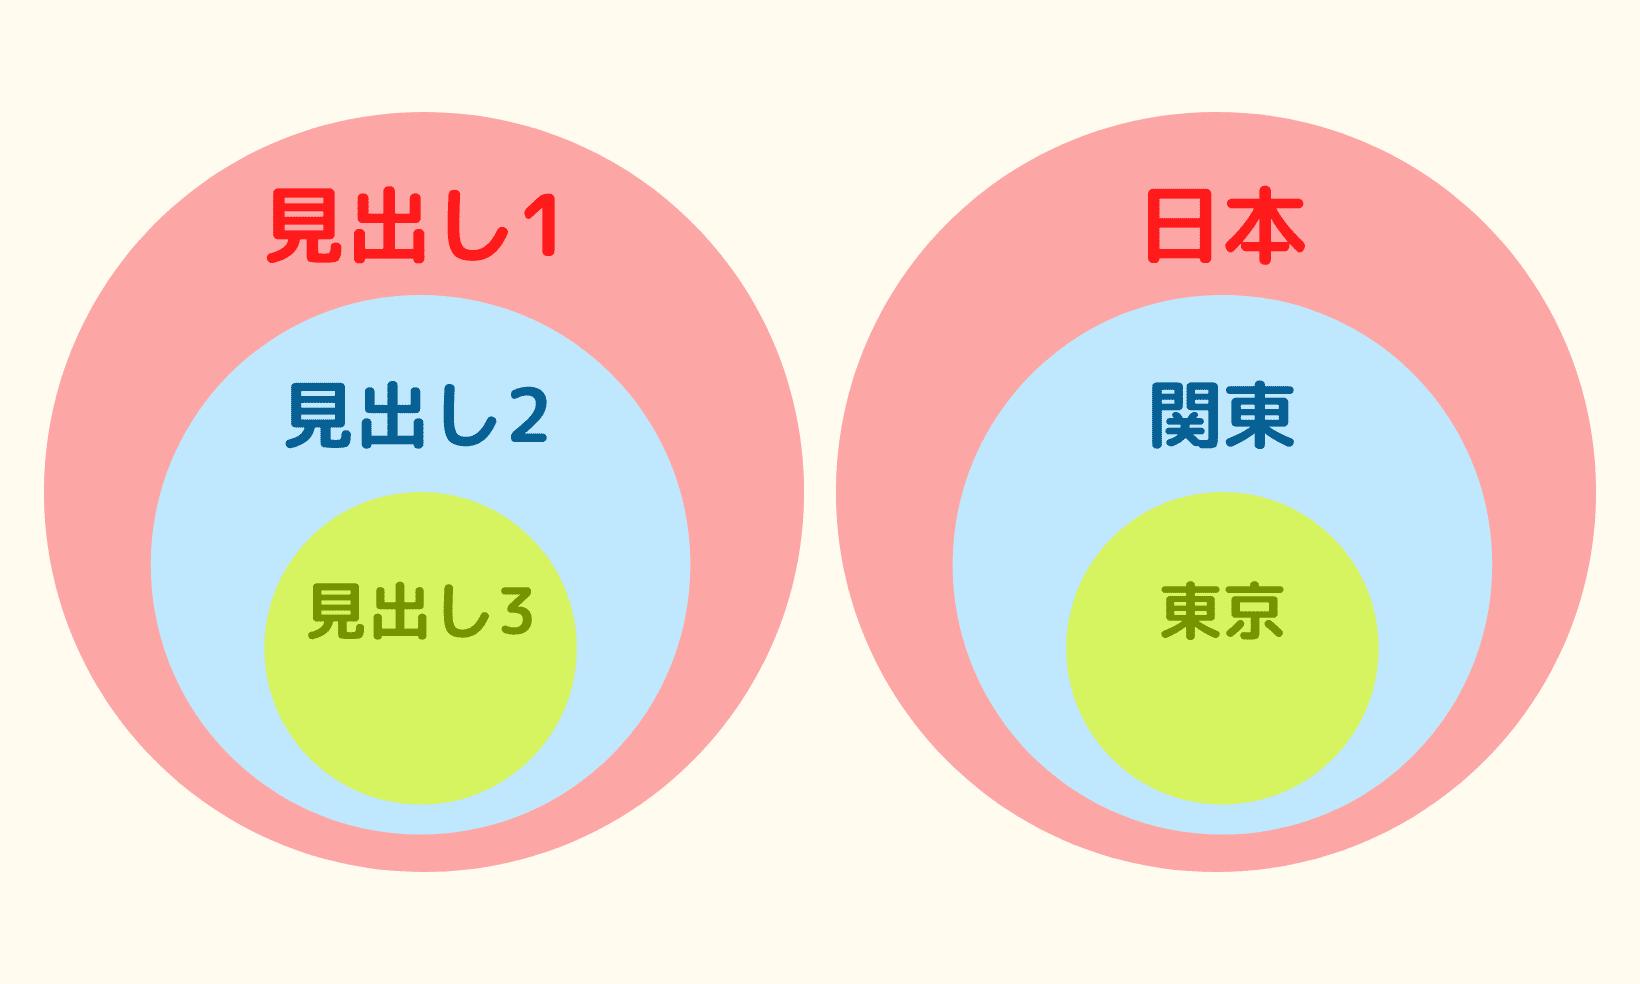 包含関係の図